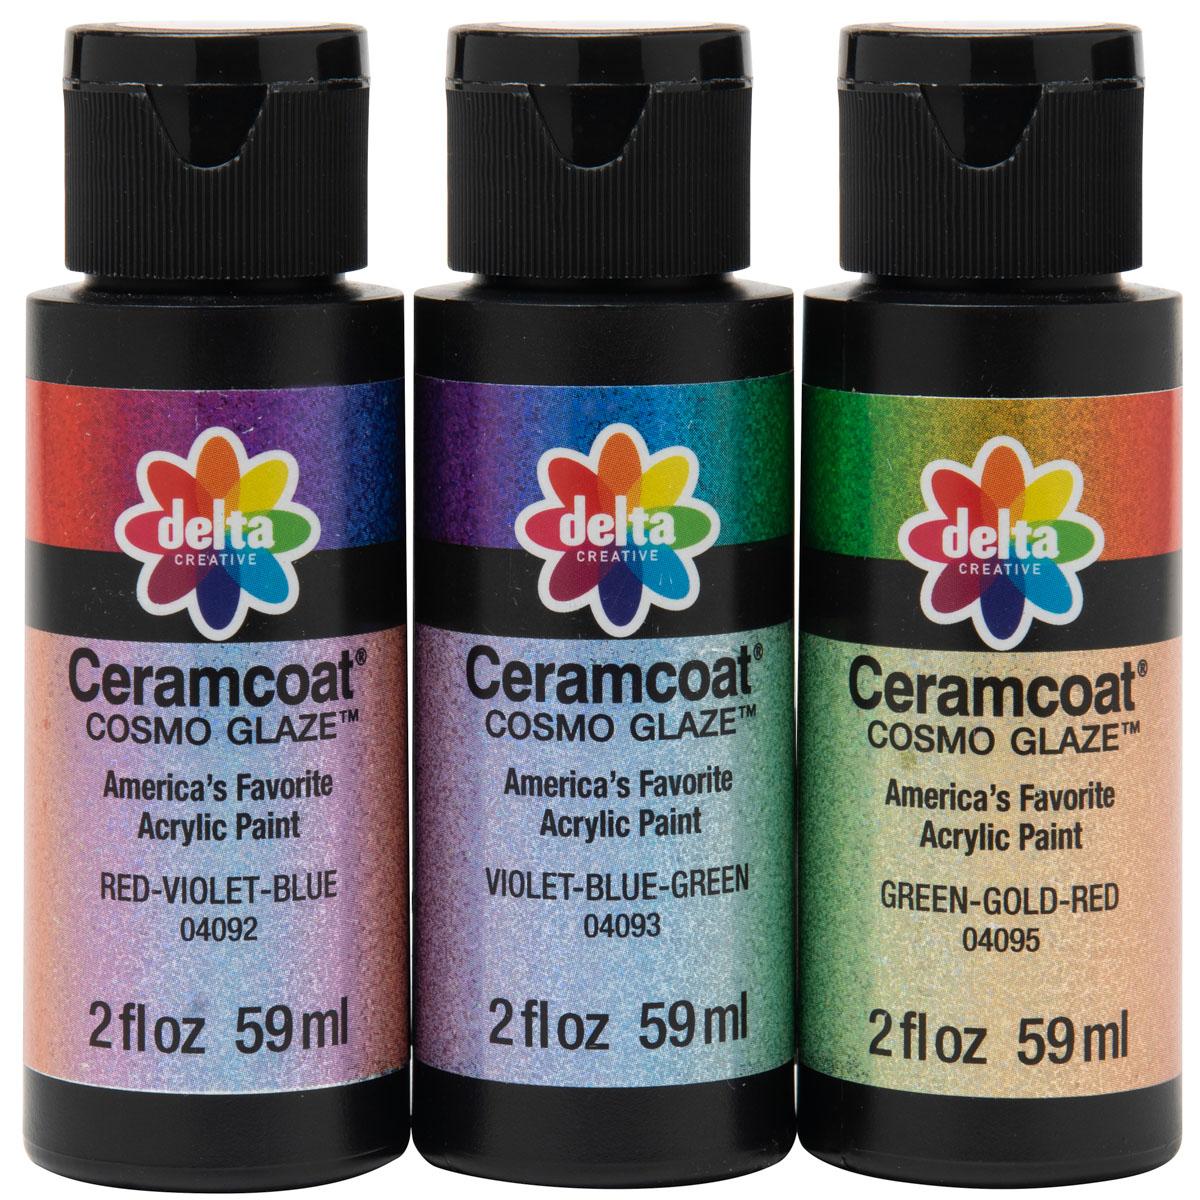 Delta Ceramcoat ® Paint Sets - Cosmo Glaze™ - 3 Color Set - PROMOCG